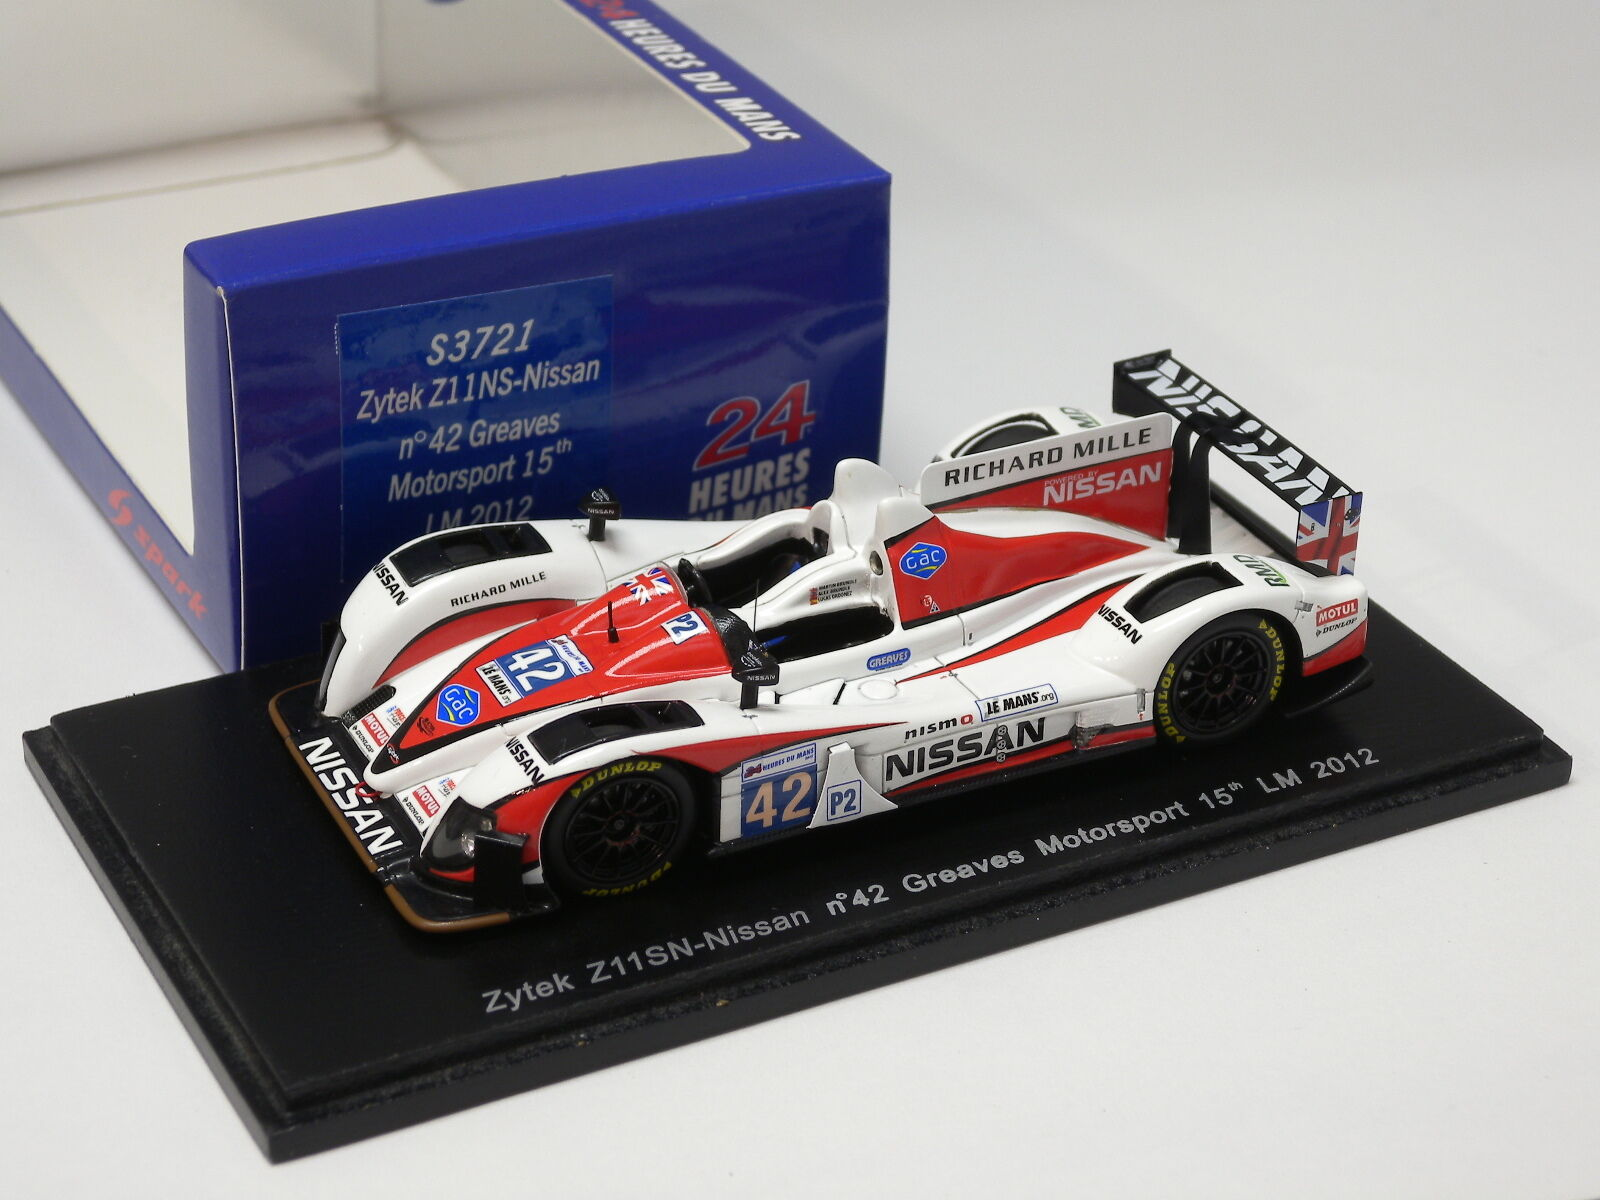 en promociones de estadios Zytek Z11NS-Nissan, No.42, Greaves Motosport, Le Mans 2012 Spark Spark Spark 1 43 S3721  opciones a bajo precio